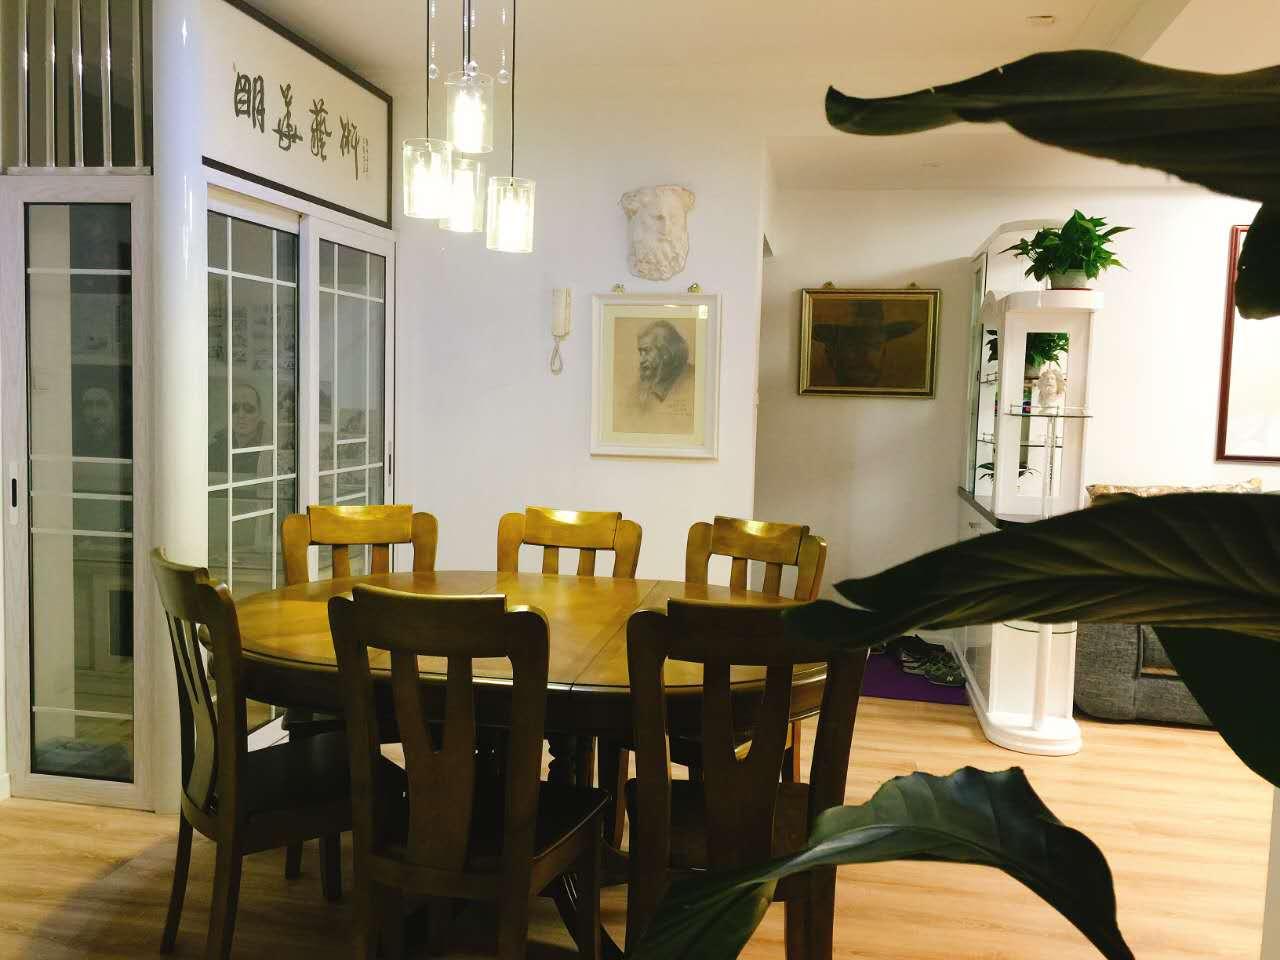 """相比一般家庭不一样的是,餐厅餐桌选用的是偏中式的圆餐桌,除了想让整个空间显得更为立体外,也有""""团团圆"""